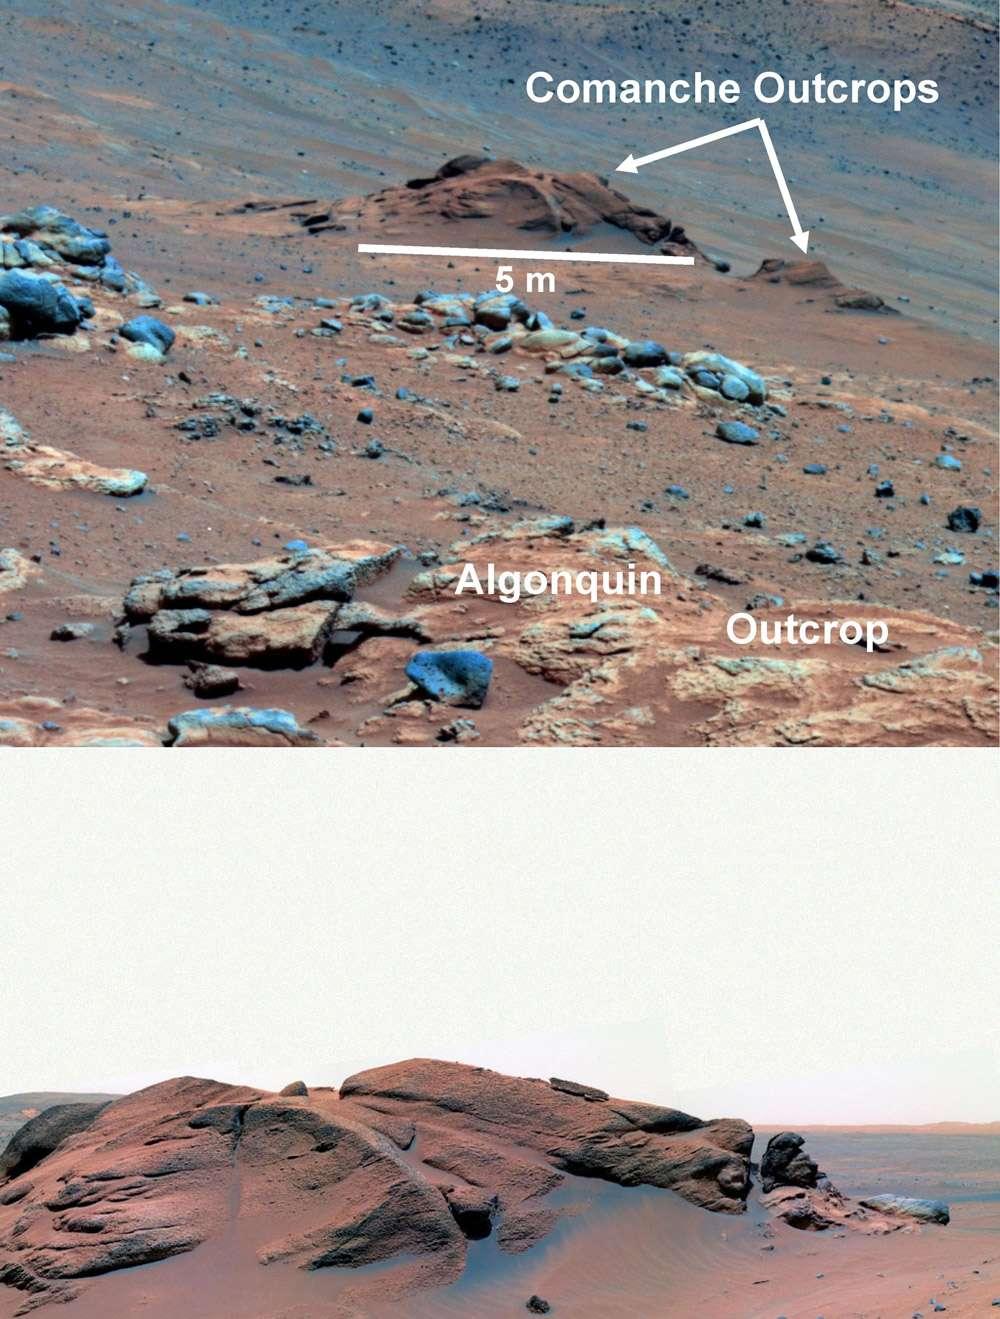 L'affleurement rocheux Comanche, vu en décembre 2005, se révèle être le premier site découvert où toutes les conditions favorables à la vie ont été réunies. un jour. © Nasa Crédits Nasa/JPL-Caltech/Cornell University